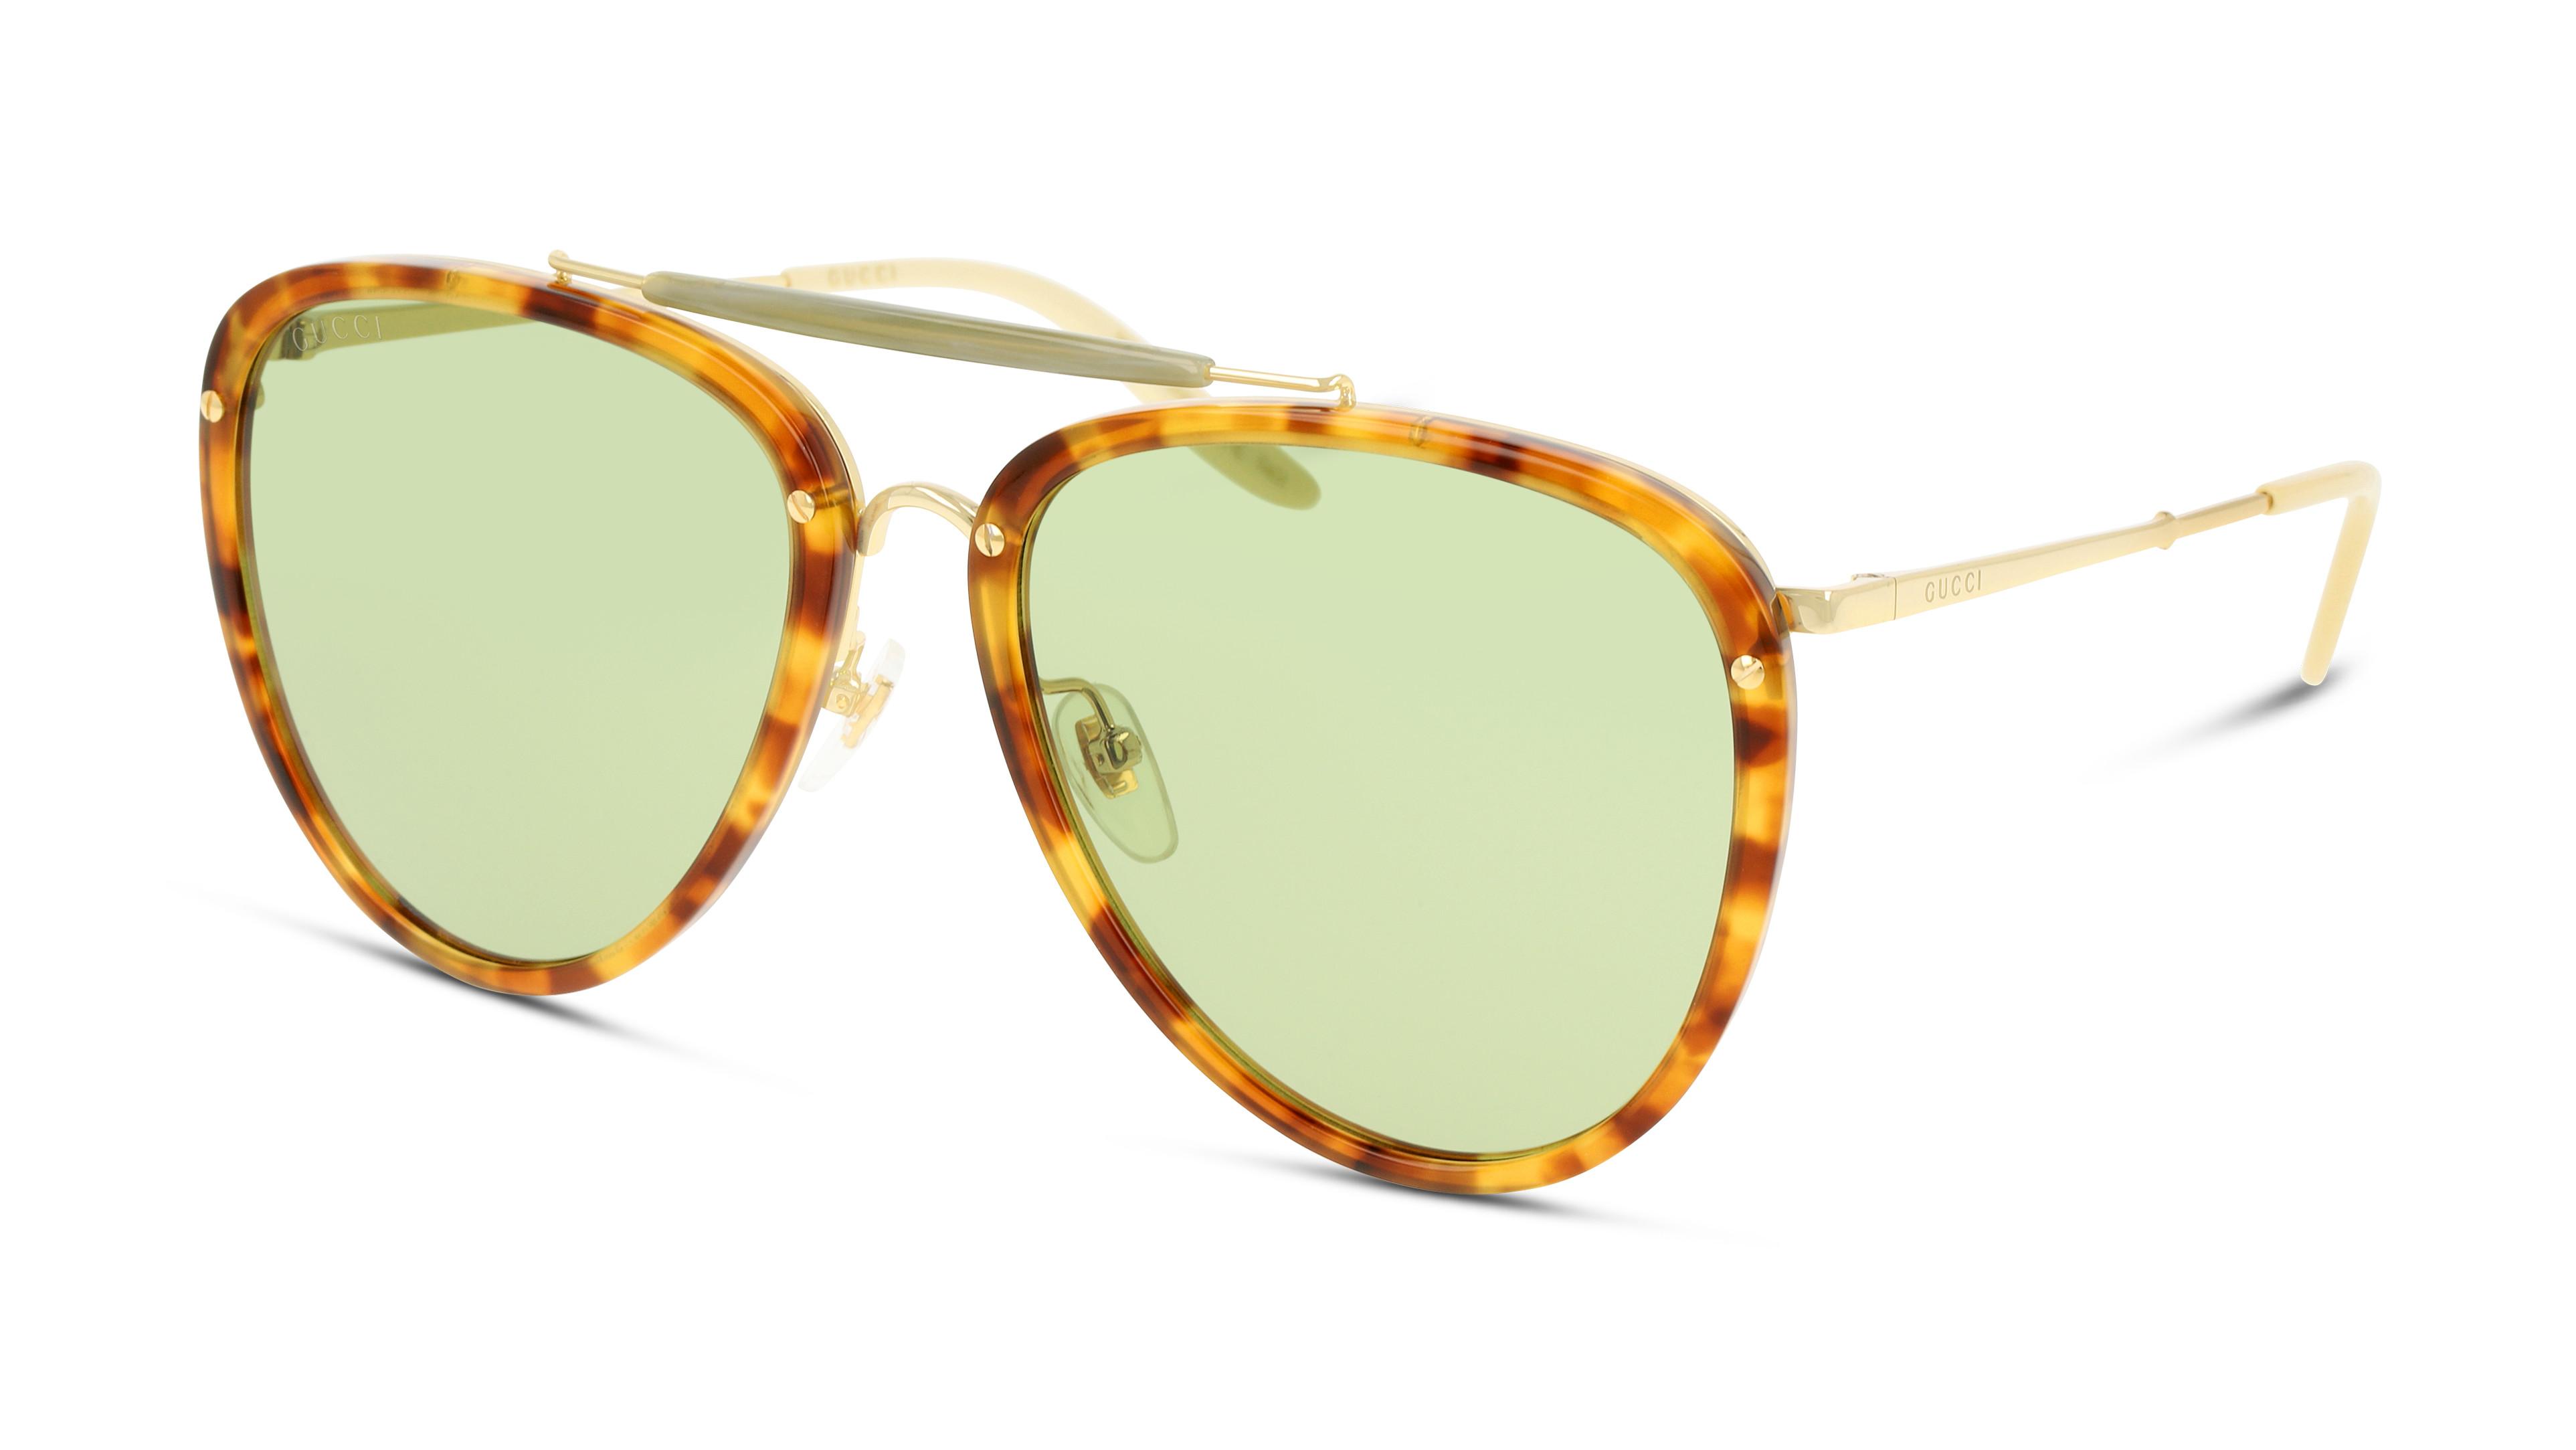 8056376308280-angle-03-gucci-gg0672s-eyewear-havana-gold-green